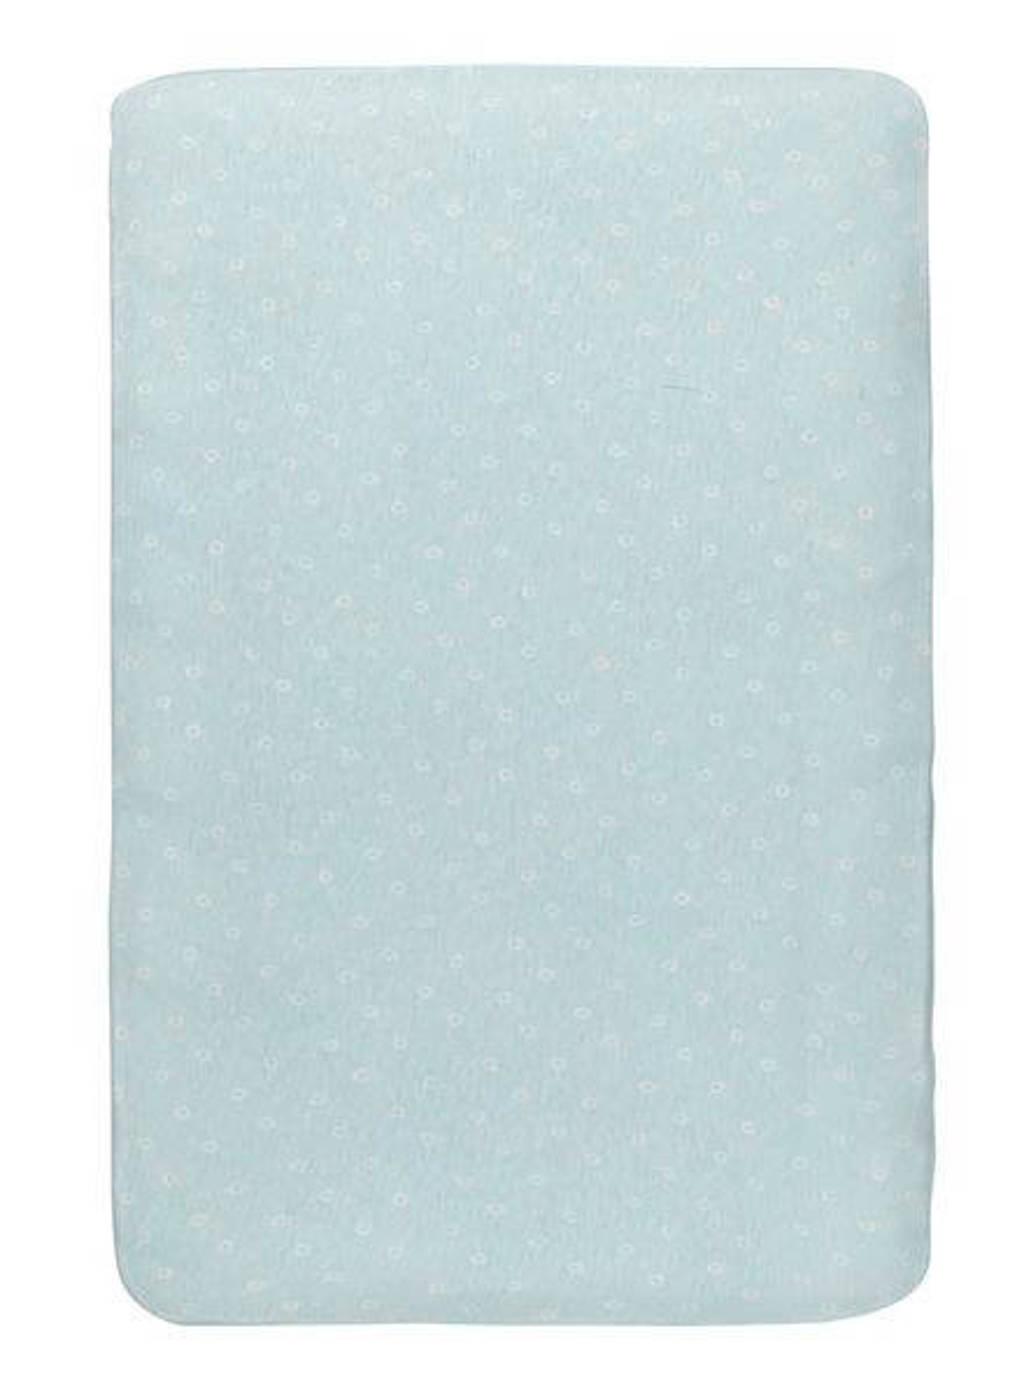 HEMA katoenen ledikanthoeslaken 60x120 cm stip Blauw